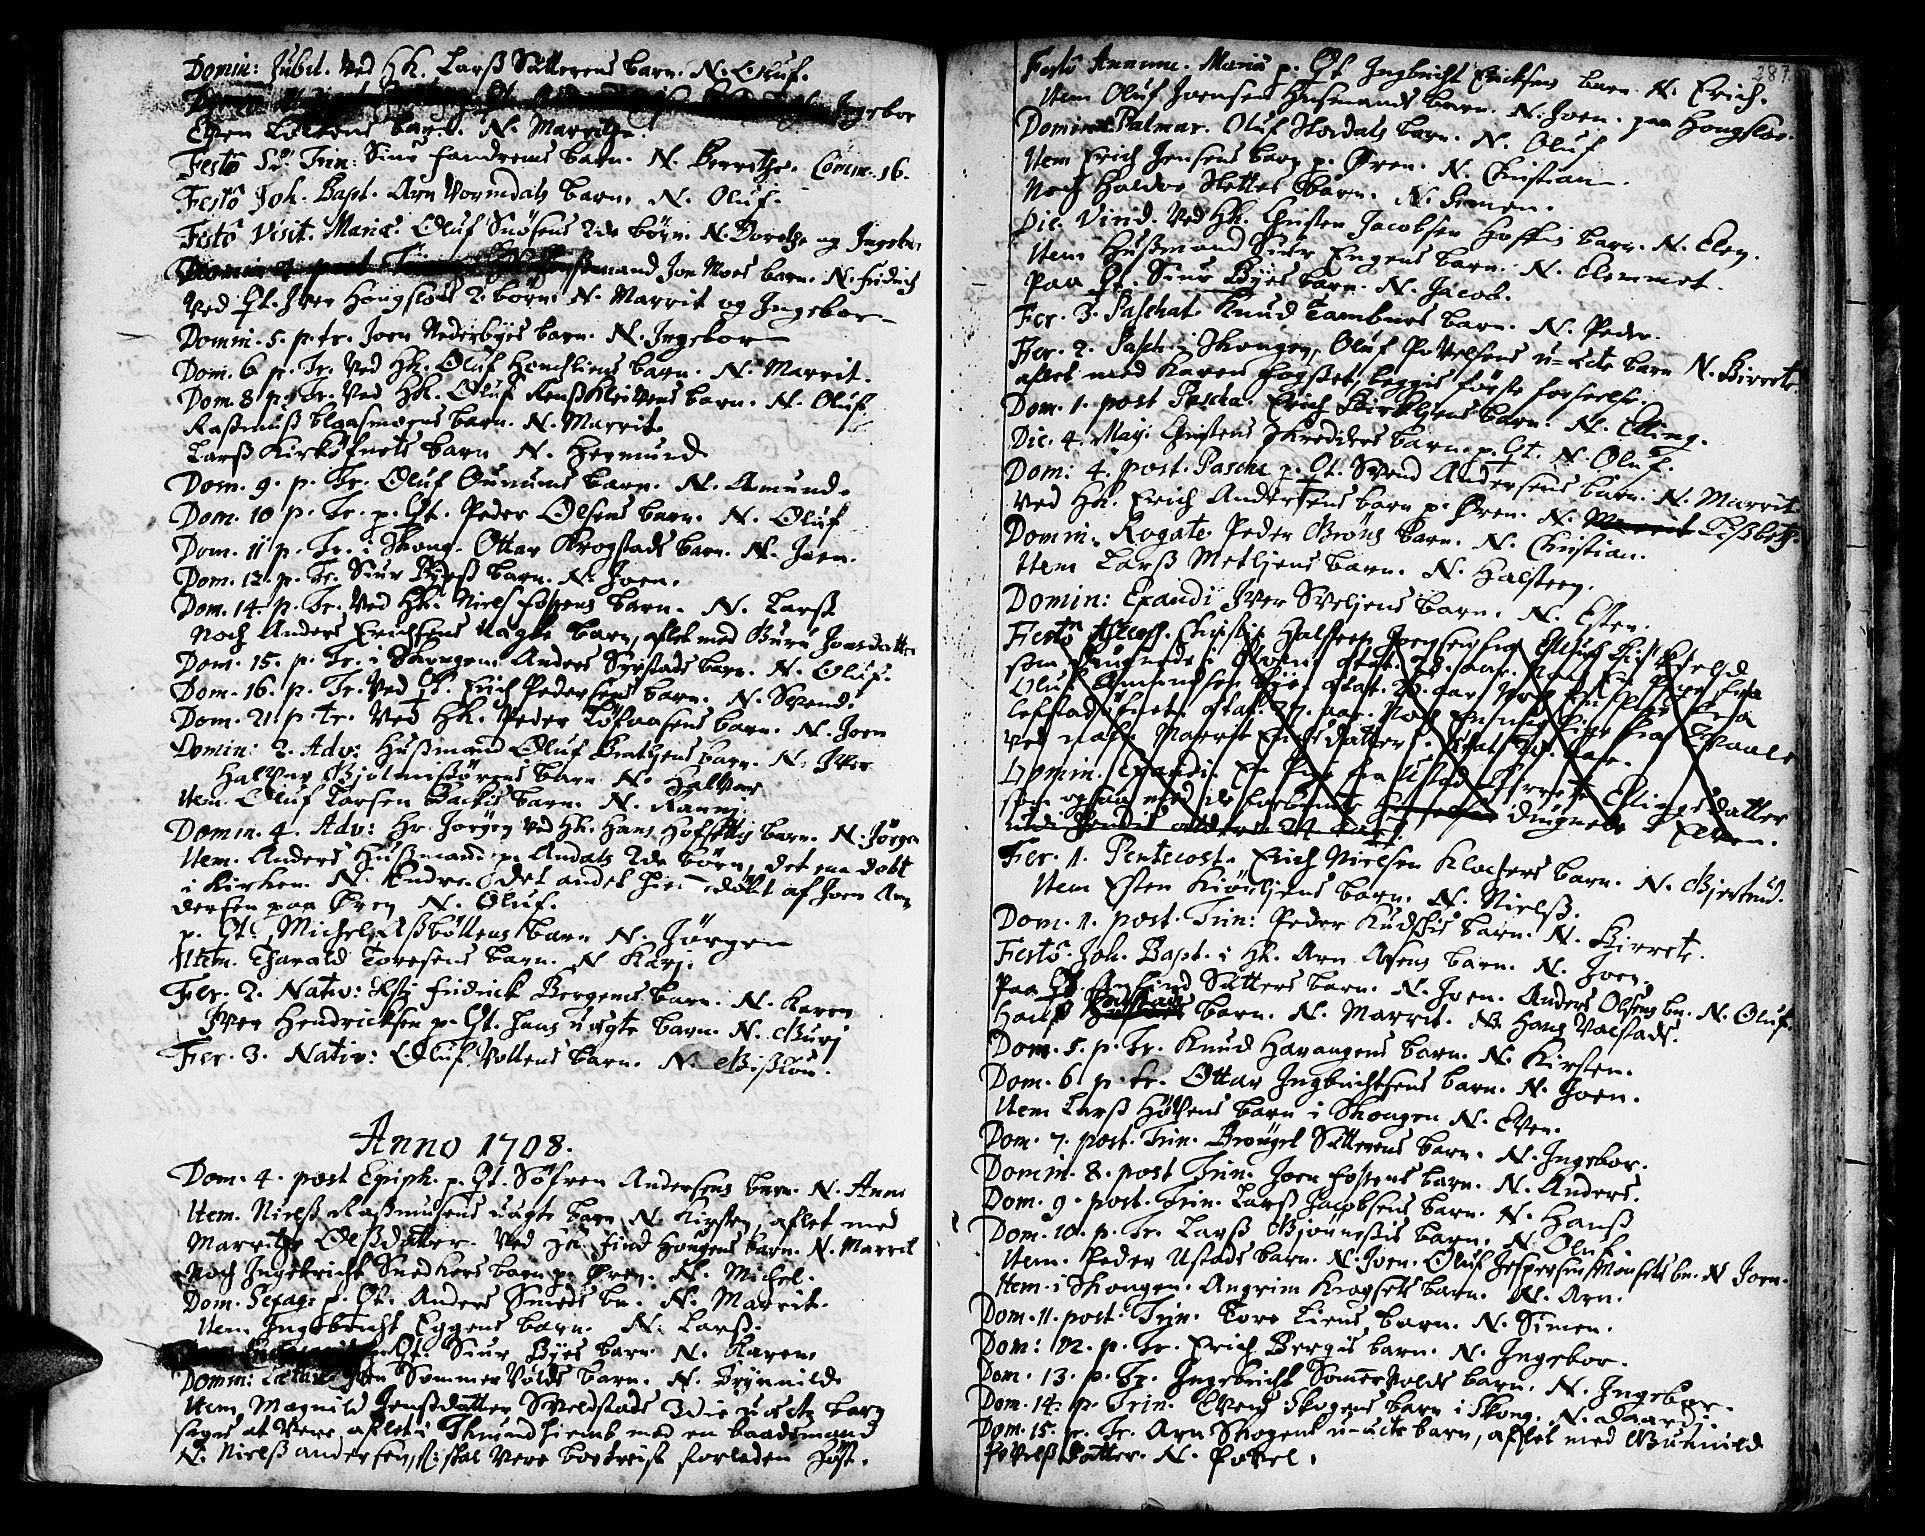 SAT, Ministerialprotokoller, klokkerbøker og fødselsregistre - Sør-Trøndelag, 668/L0801: Ministerialbok nr. 668A01, 1695-1716, s. 286-287